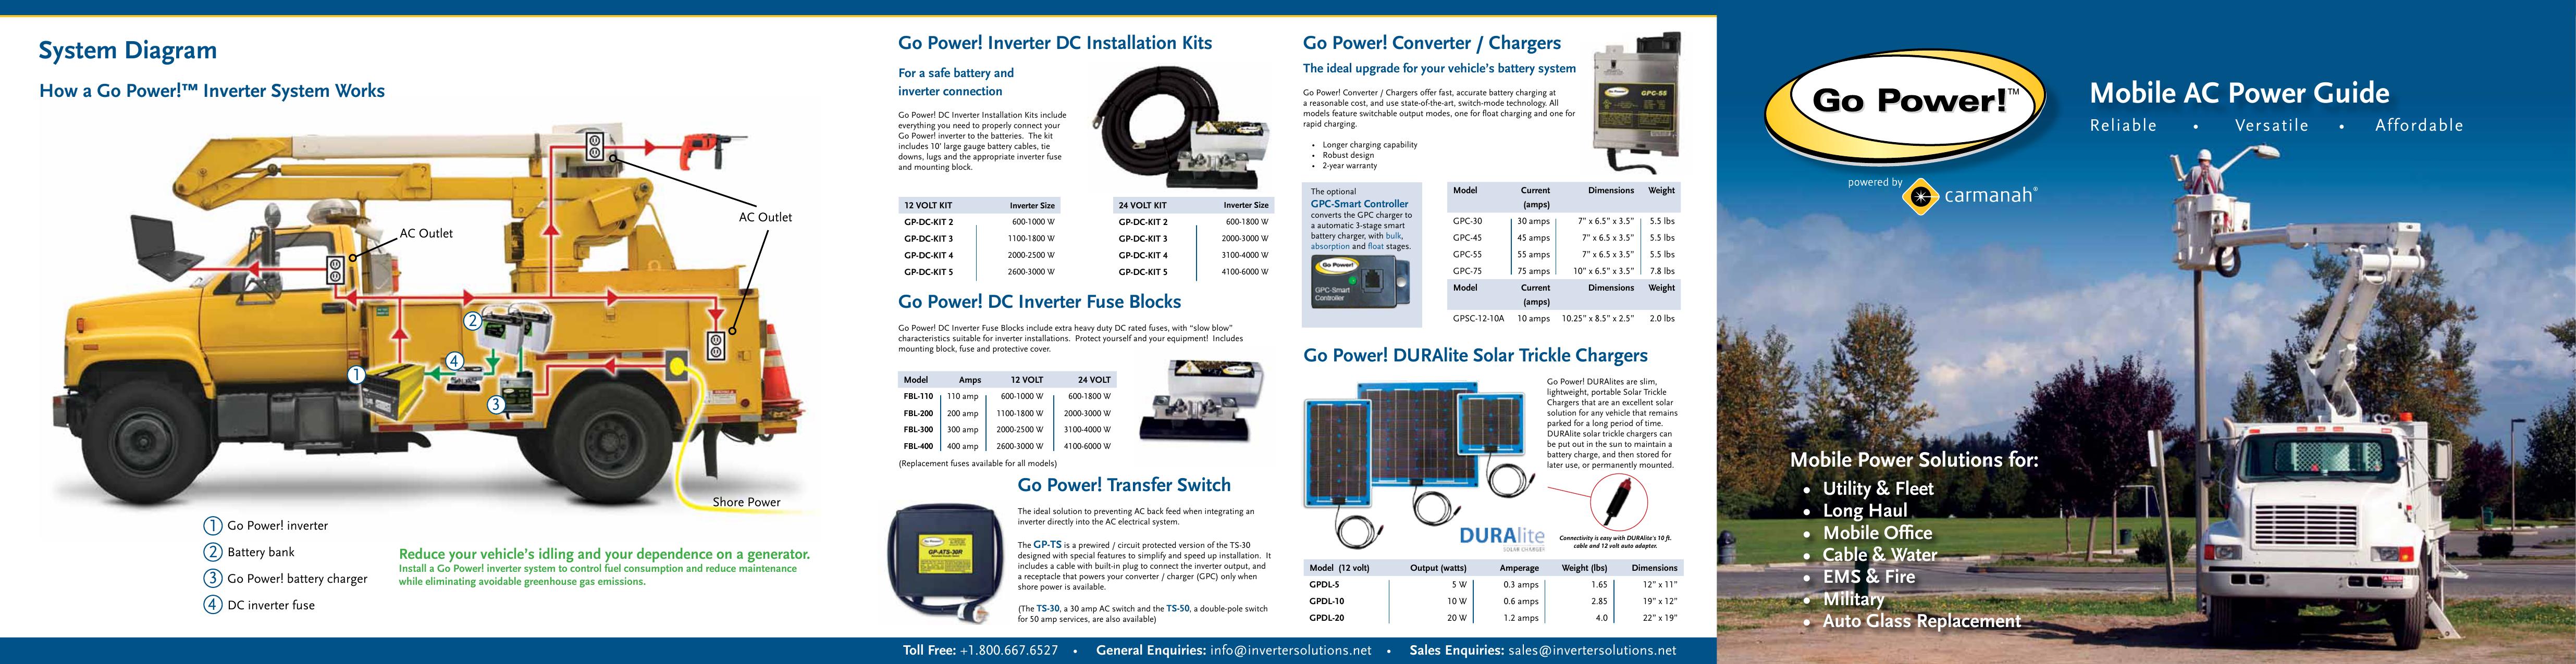 GP-DC-KIT4 DC Installation Kit for 2000-2500-Watt 24V 3100-4000-Watt Go Power